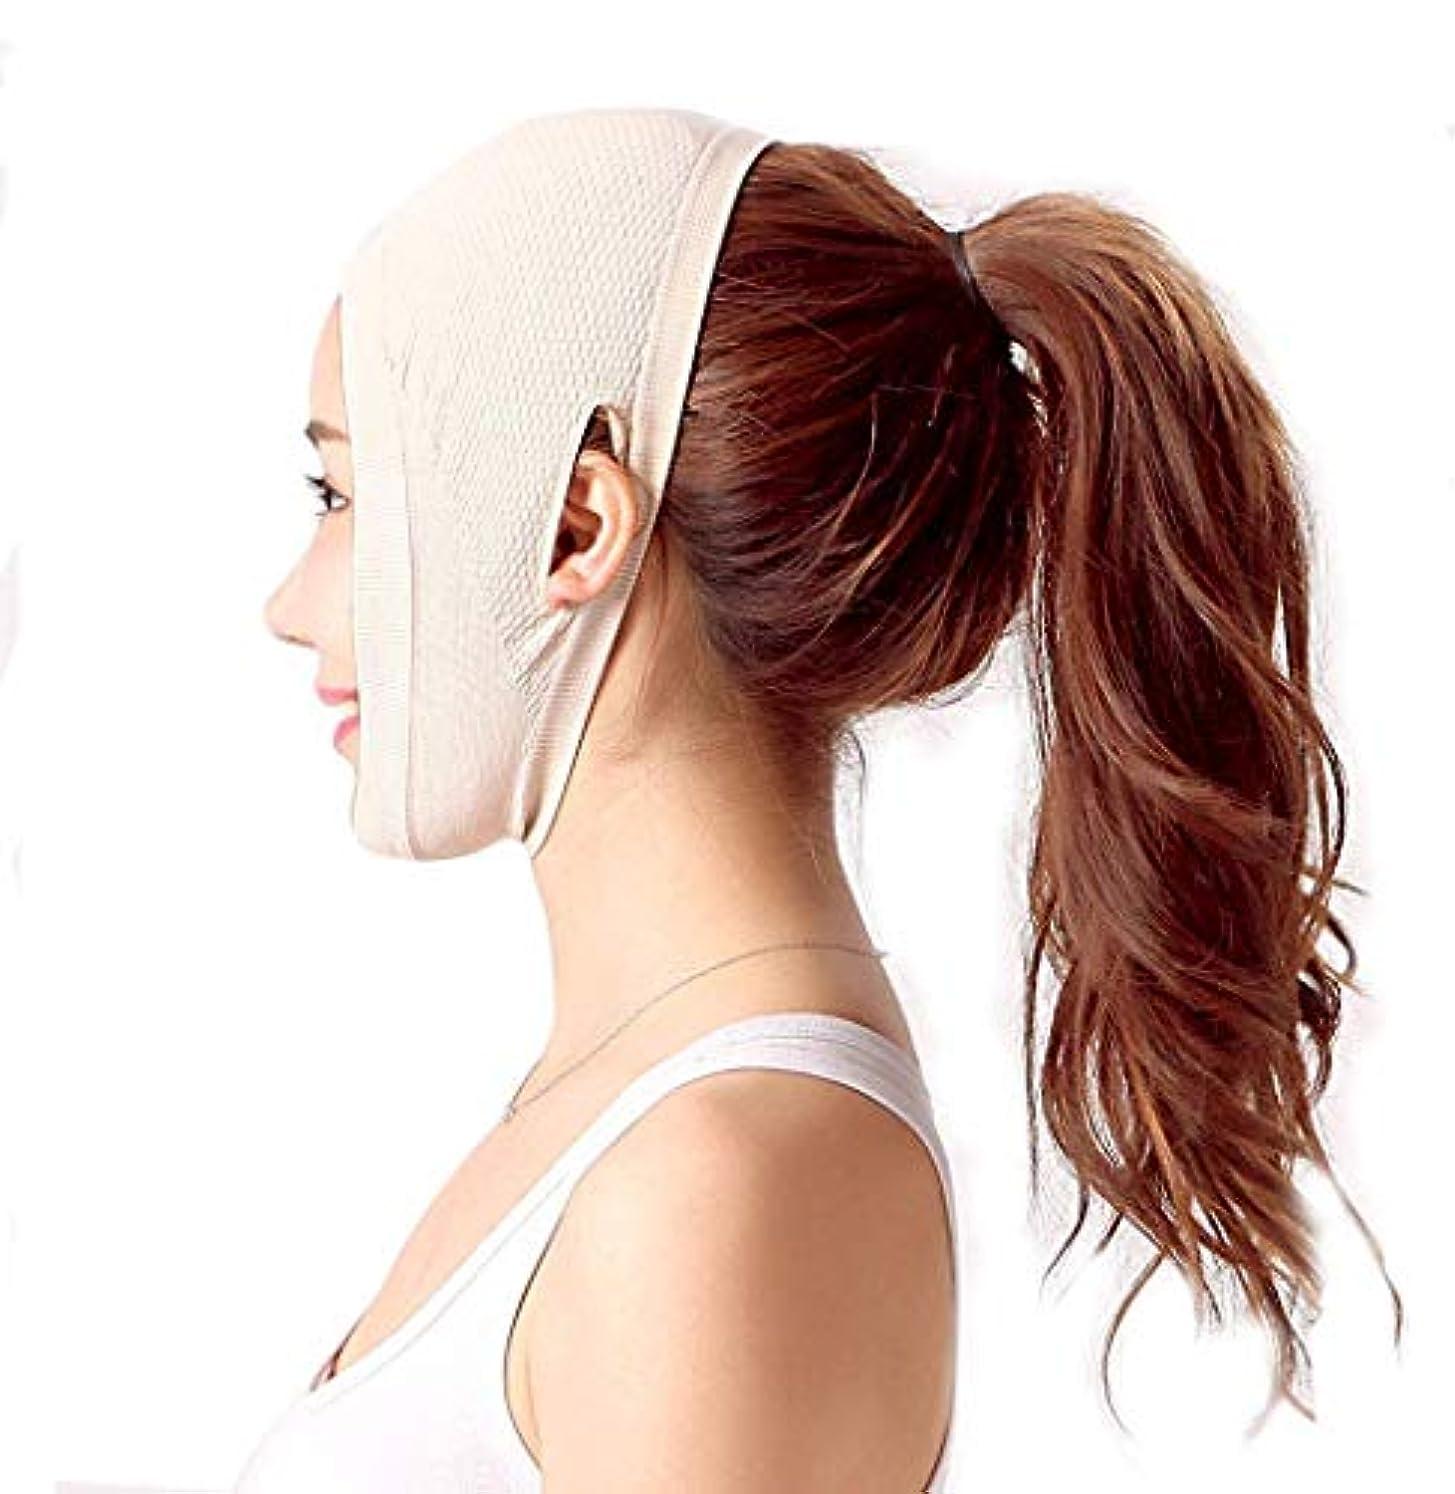 インペリアルモチーフサイクロプスV顔リフティング包帯薄いフェイスマスク(色:肌のトーン(A))を眠っている整形手術病院ライン彫刻術後回復ヘッドギア医療マスク